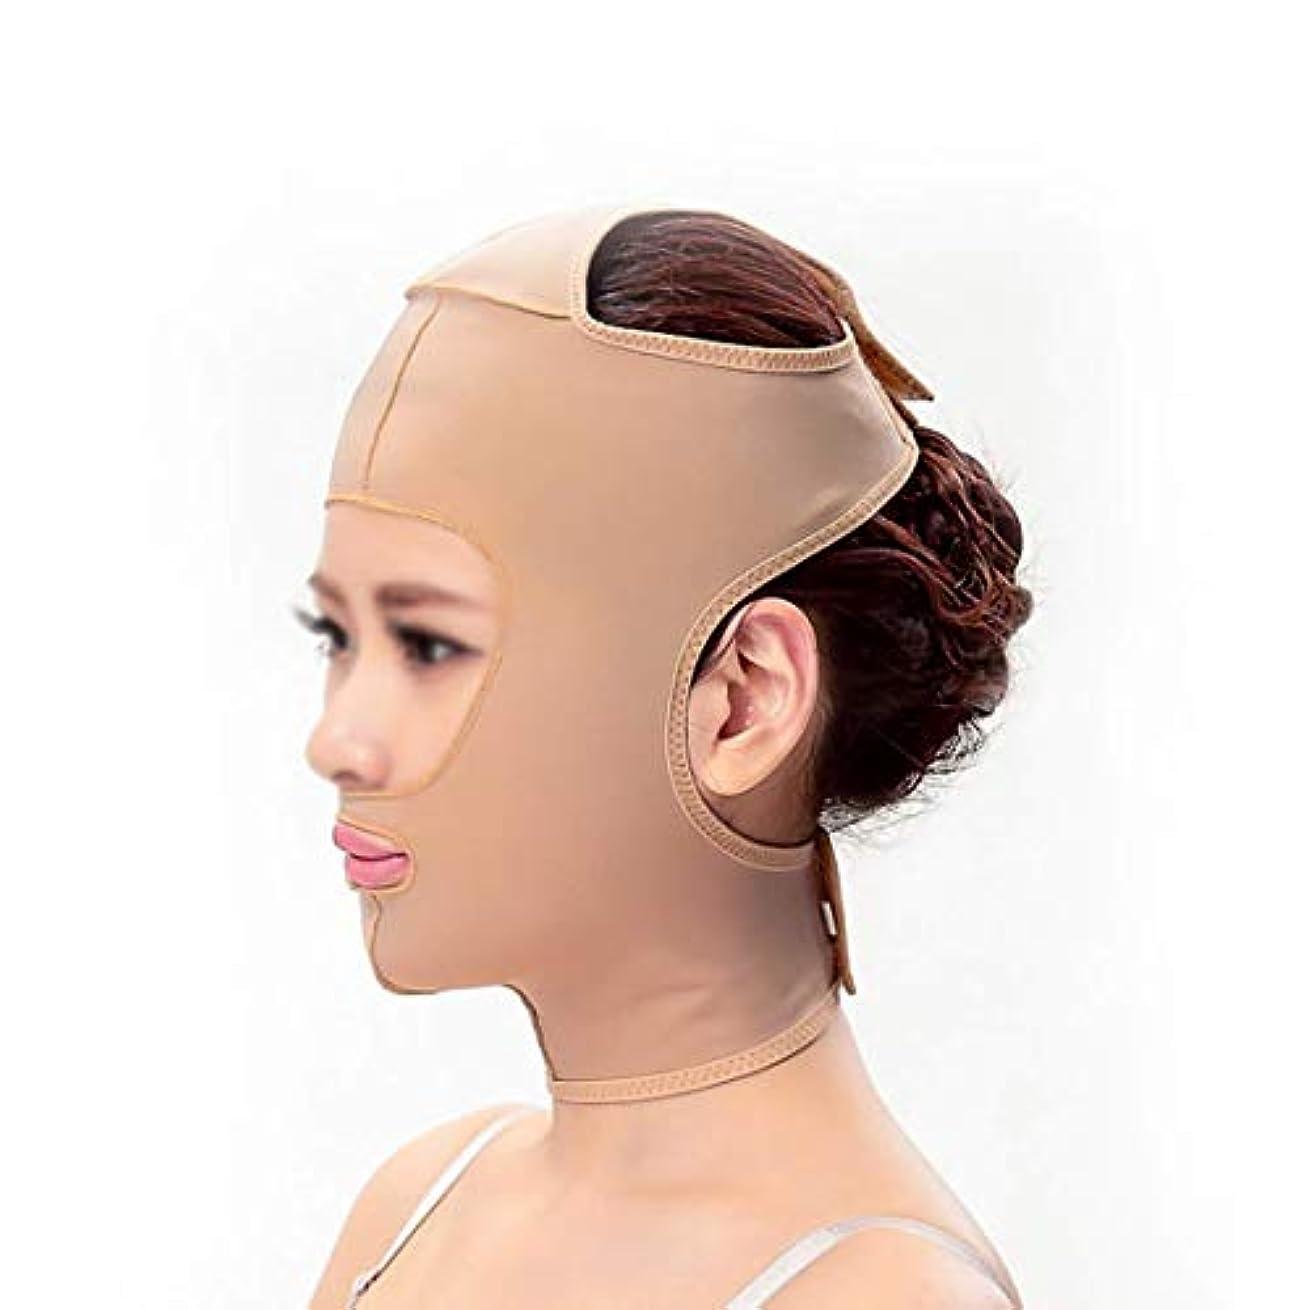 観察住む応じるスリミングベルト、二重あごの引き締め顔面プラスチックフェイスアーティファクト強力なフェイスバンデージをサイズアップするために顔面マスクシンフェイスマスク,S